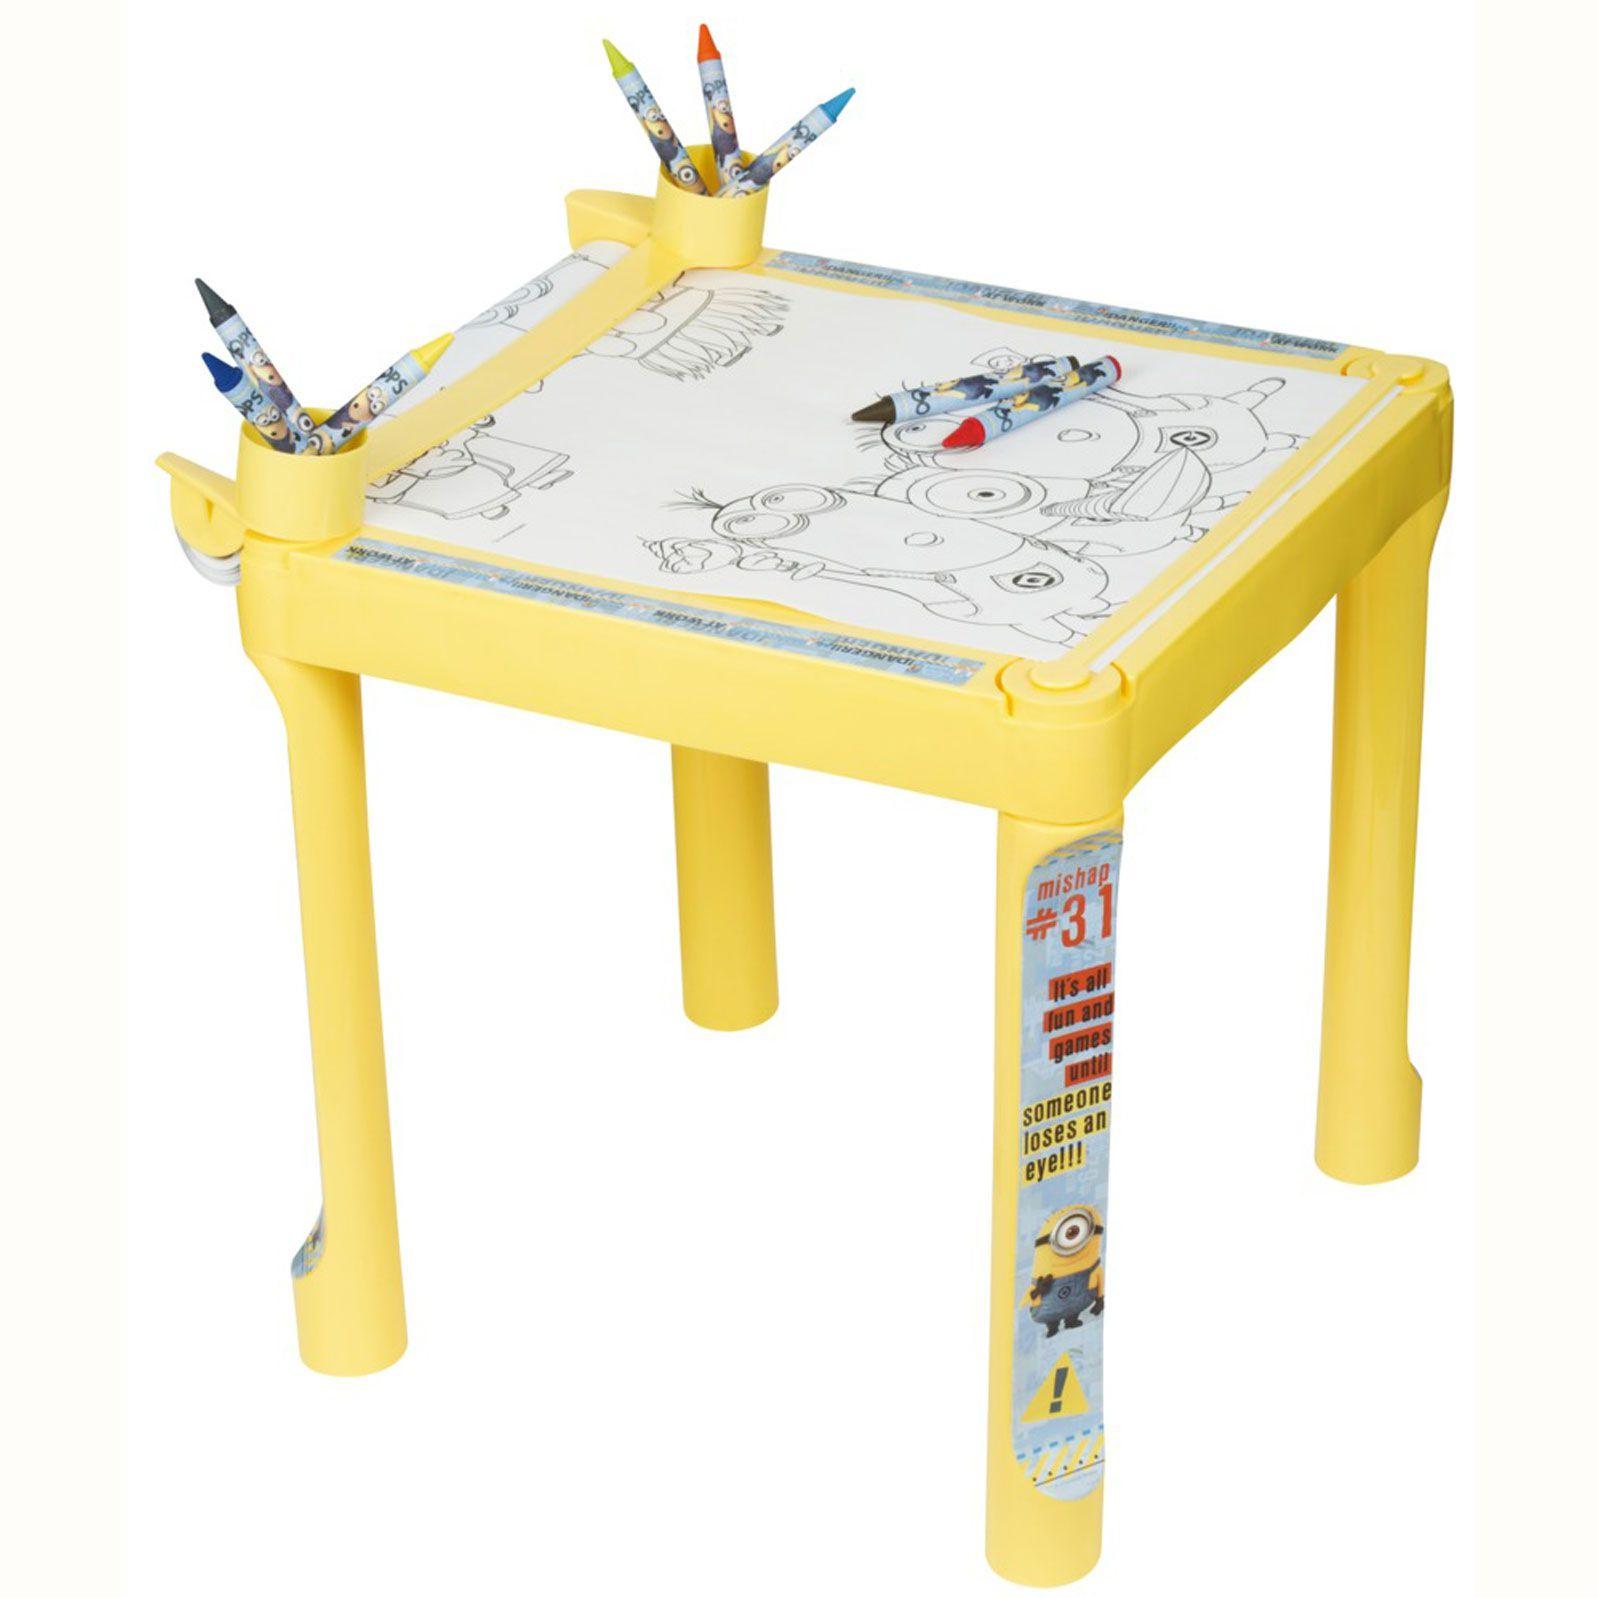 Gru, mi villano favorito minions para Colorear Mesa con 5m | eBay